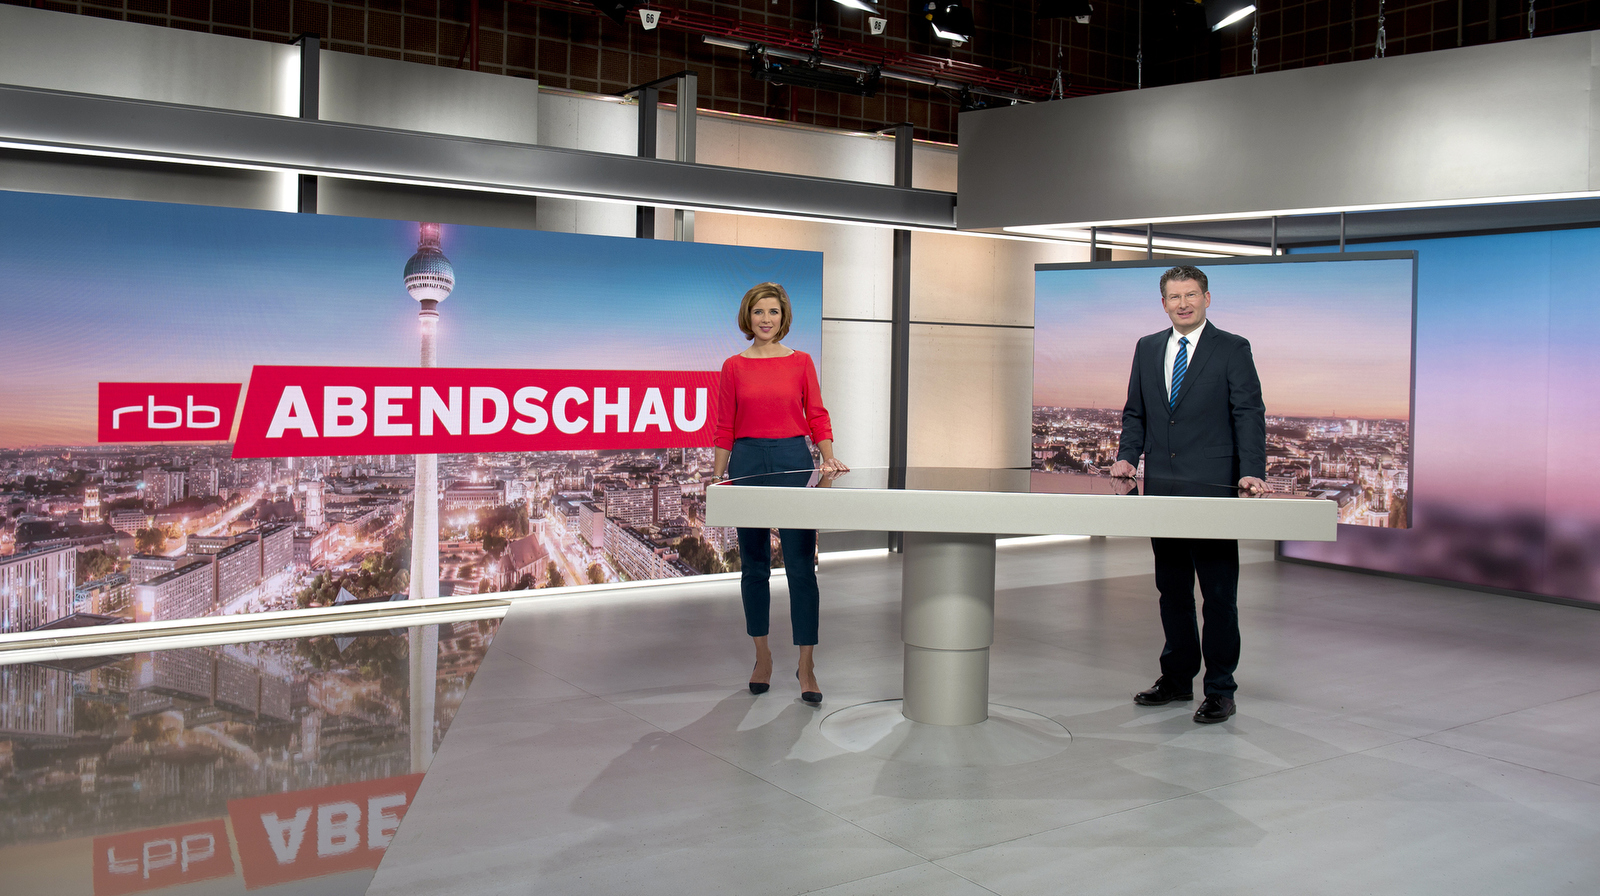 6_rbb_Abendschau_2018